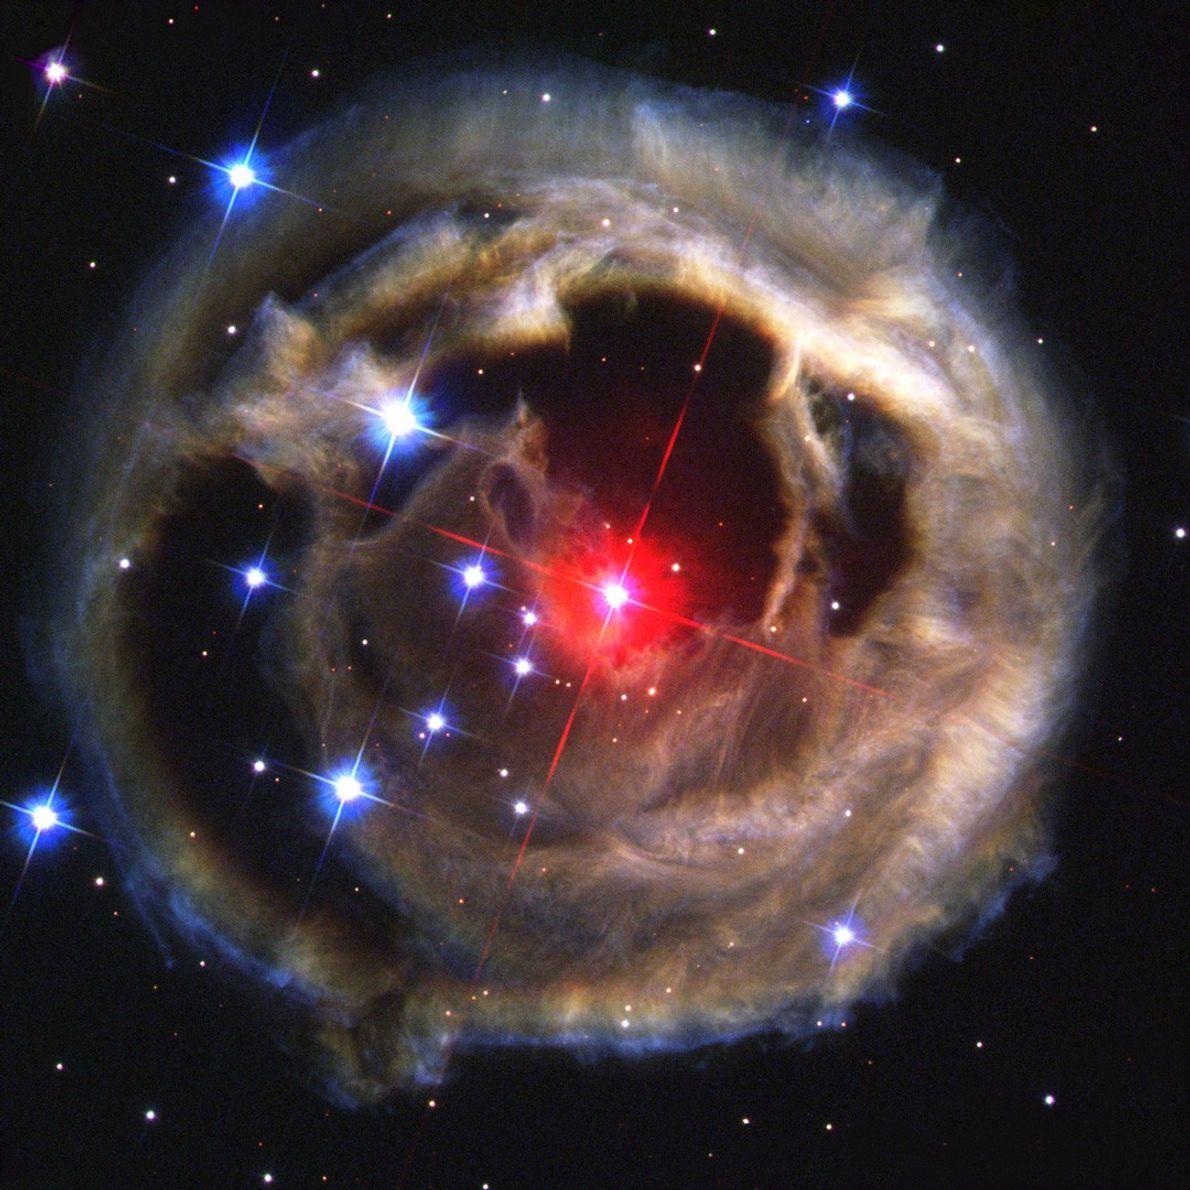 V838 Monocerotis